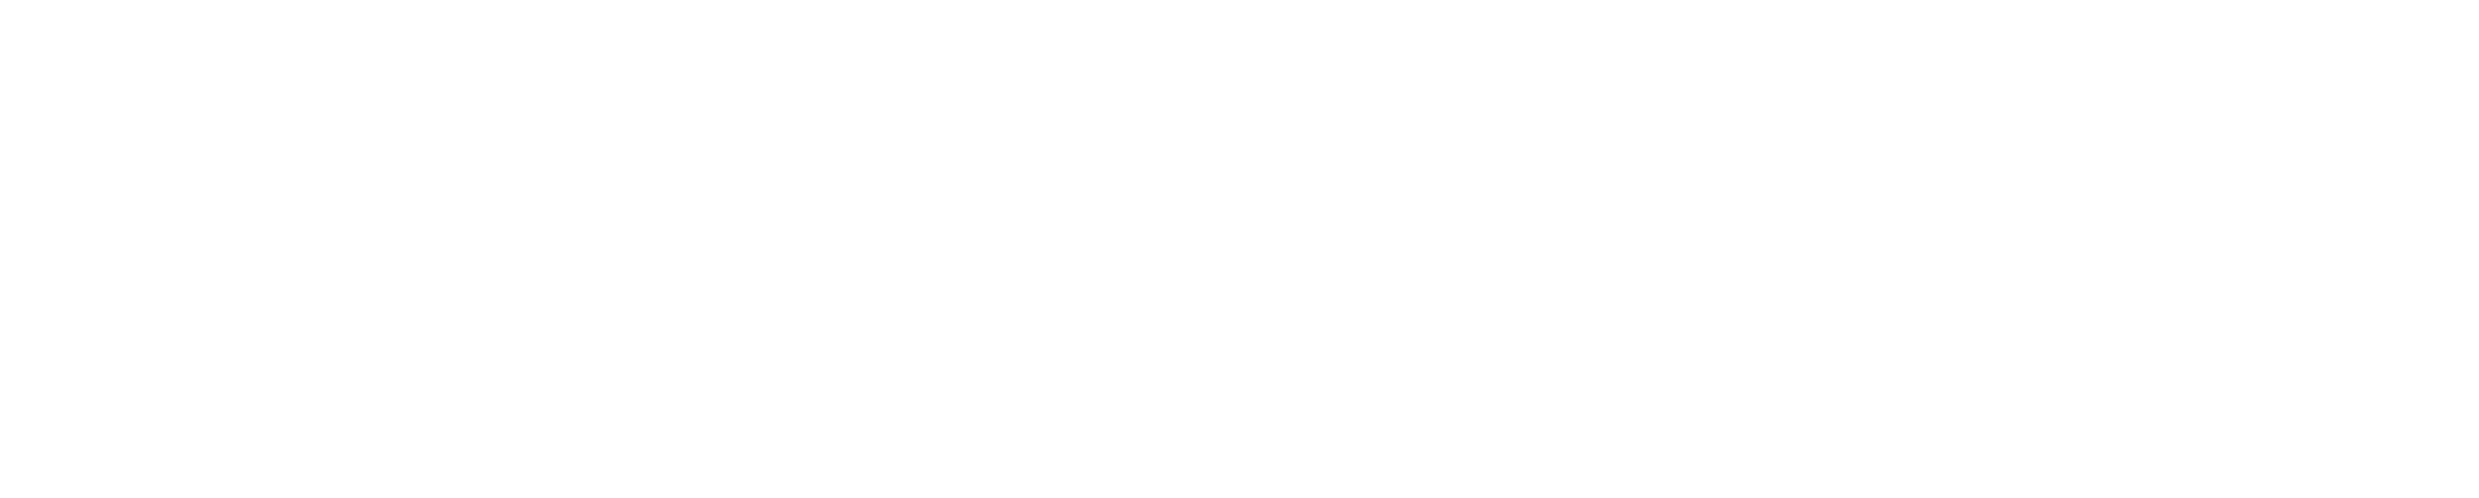 Бассейны купить в Минске, Гомеле, Бресте, Гродно, Могилеве, Витебске - низкие цены